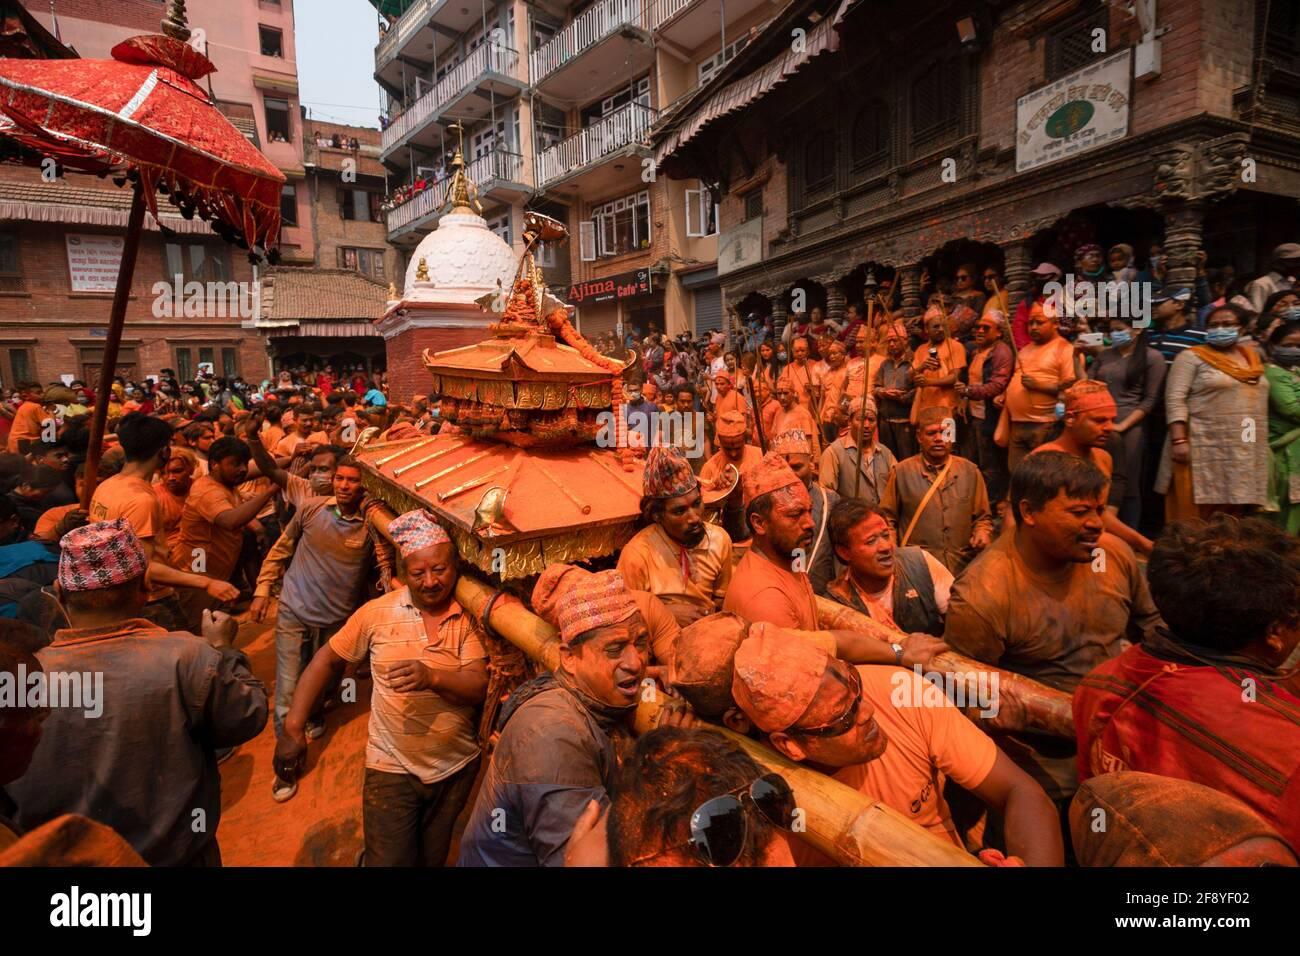 Bhaktapur, Nepal. April 2021. Eifrige Anhänger, die mit Zinnoberpulver bedeckt sind, tragen einen Wagen, während sie den Balkumari-Tempel während des Sindoor Jatra-Millionenpulverfestivals umkreisen. Feiernden trugen Wagen der Hindu-Götter und -Göttinnen und schleuderten im Rahmen der Feierlichkeiten zum nepalesischen Neujahrsfest Millionen Pulver aufeinander. Kredit: SOPA Images Limited/Alamy Live Nachrichten Stockfoto